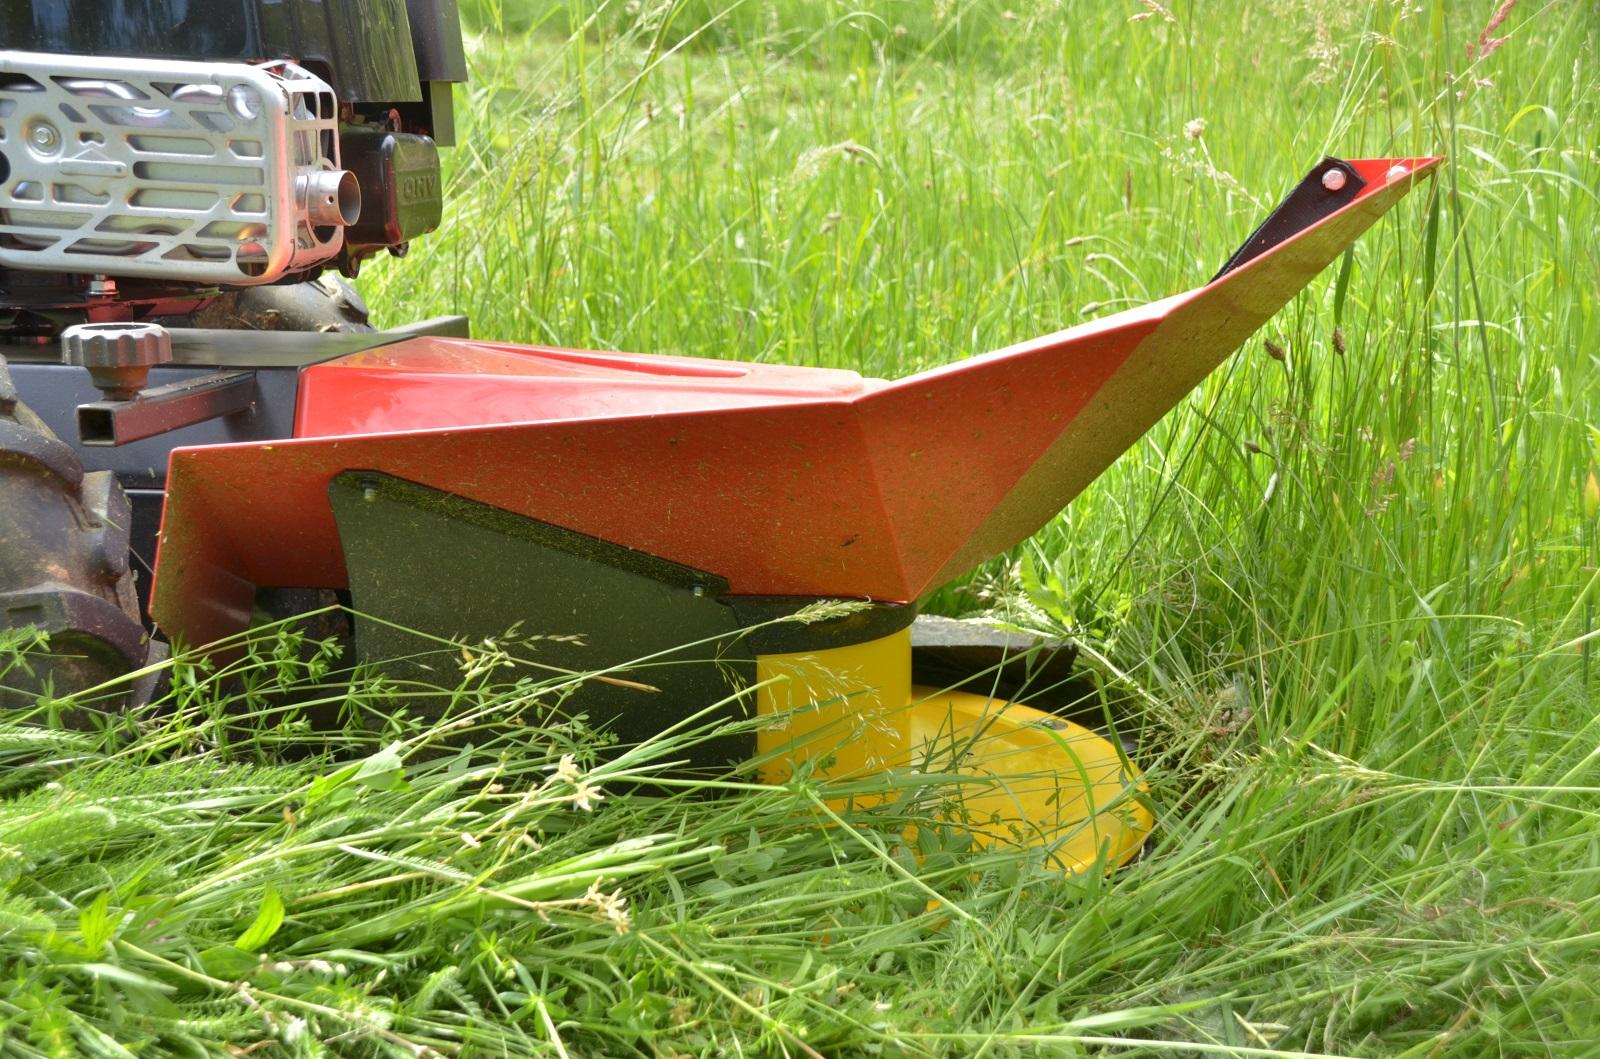 Gestrüppmäher / Kreiselmäher BDR-620DH Dorotha Honda GCV190 Motor 62cm Bild 6